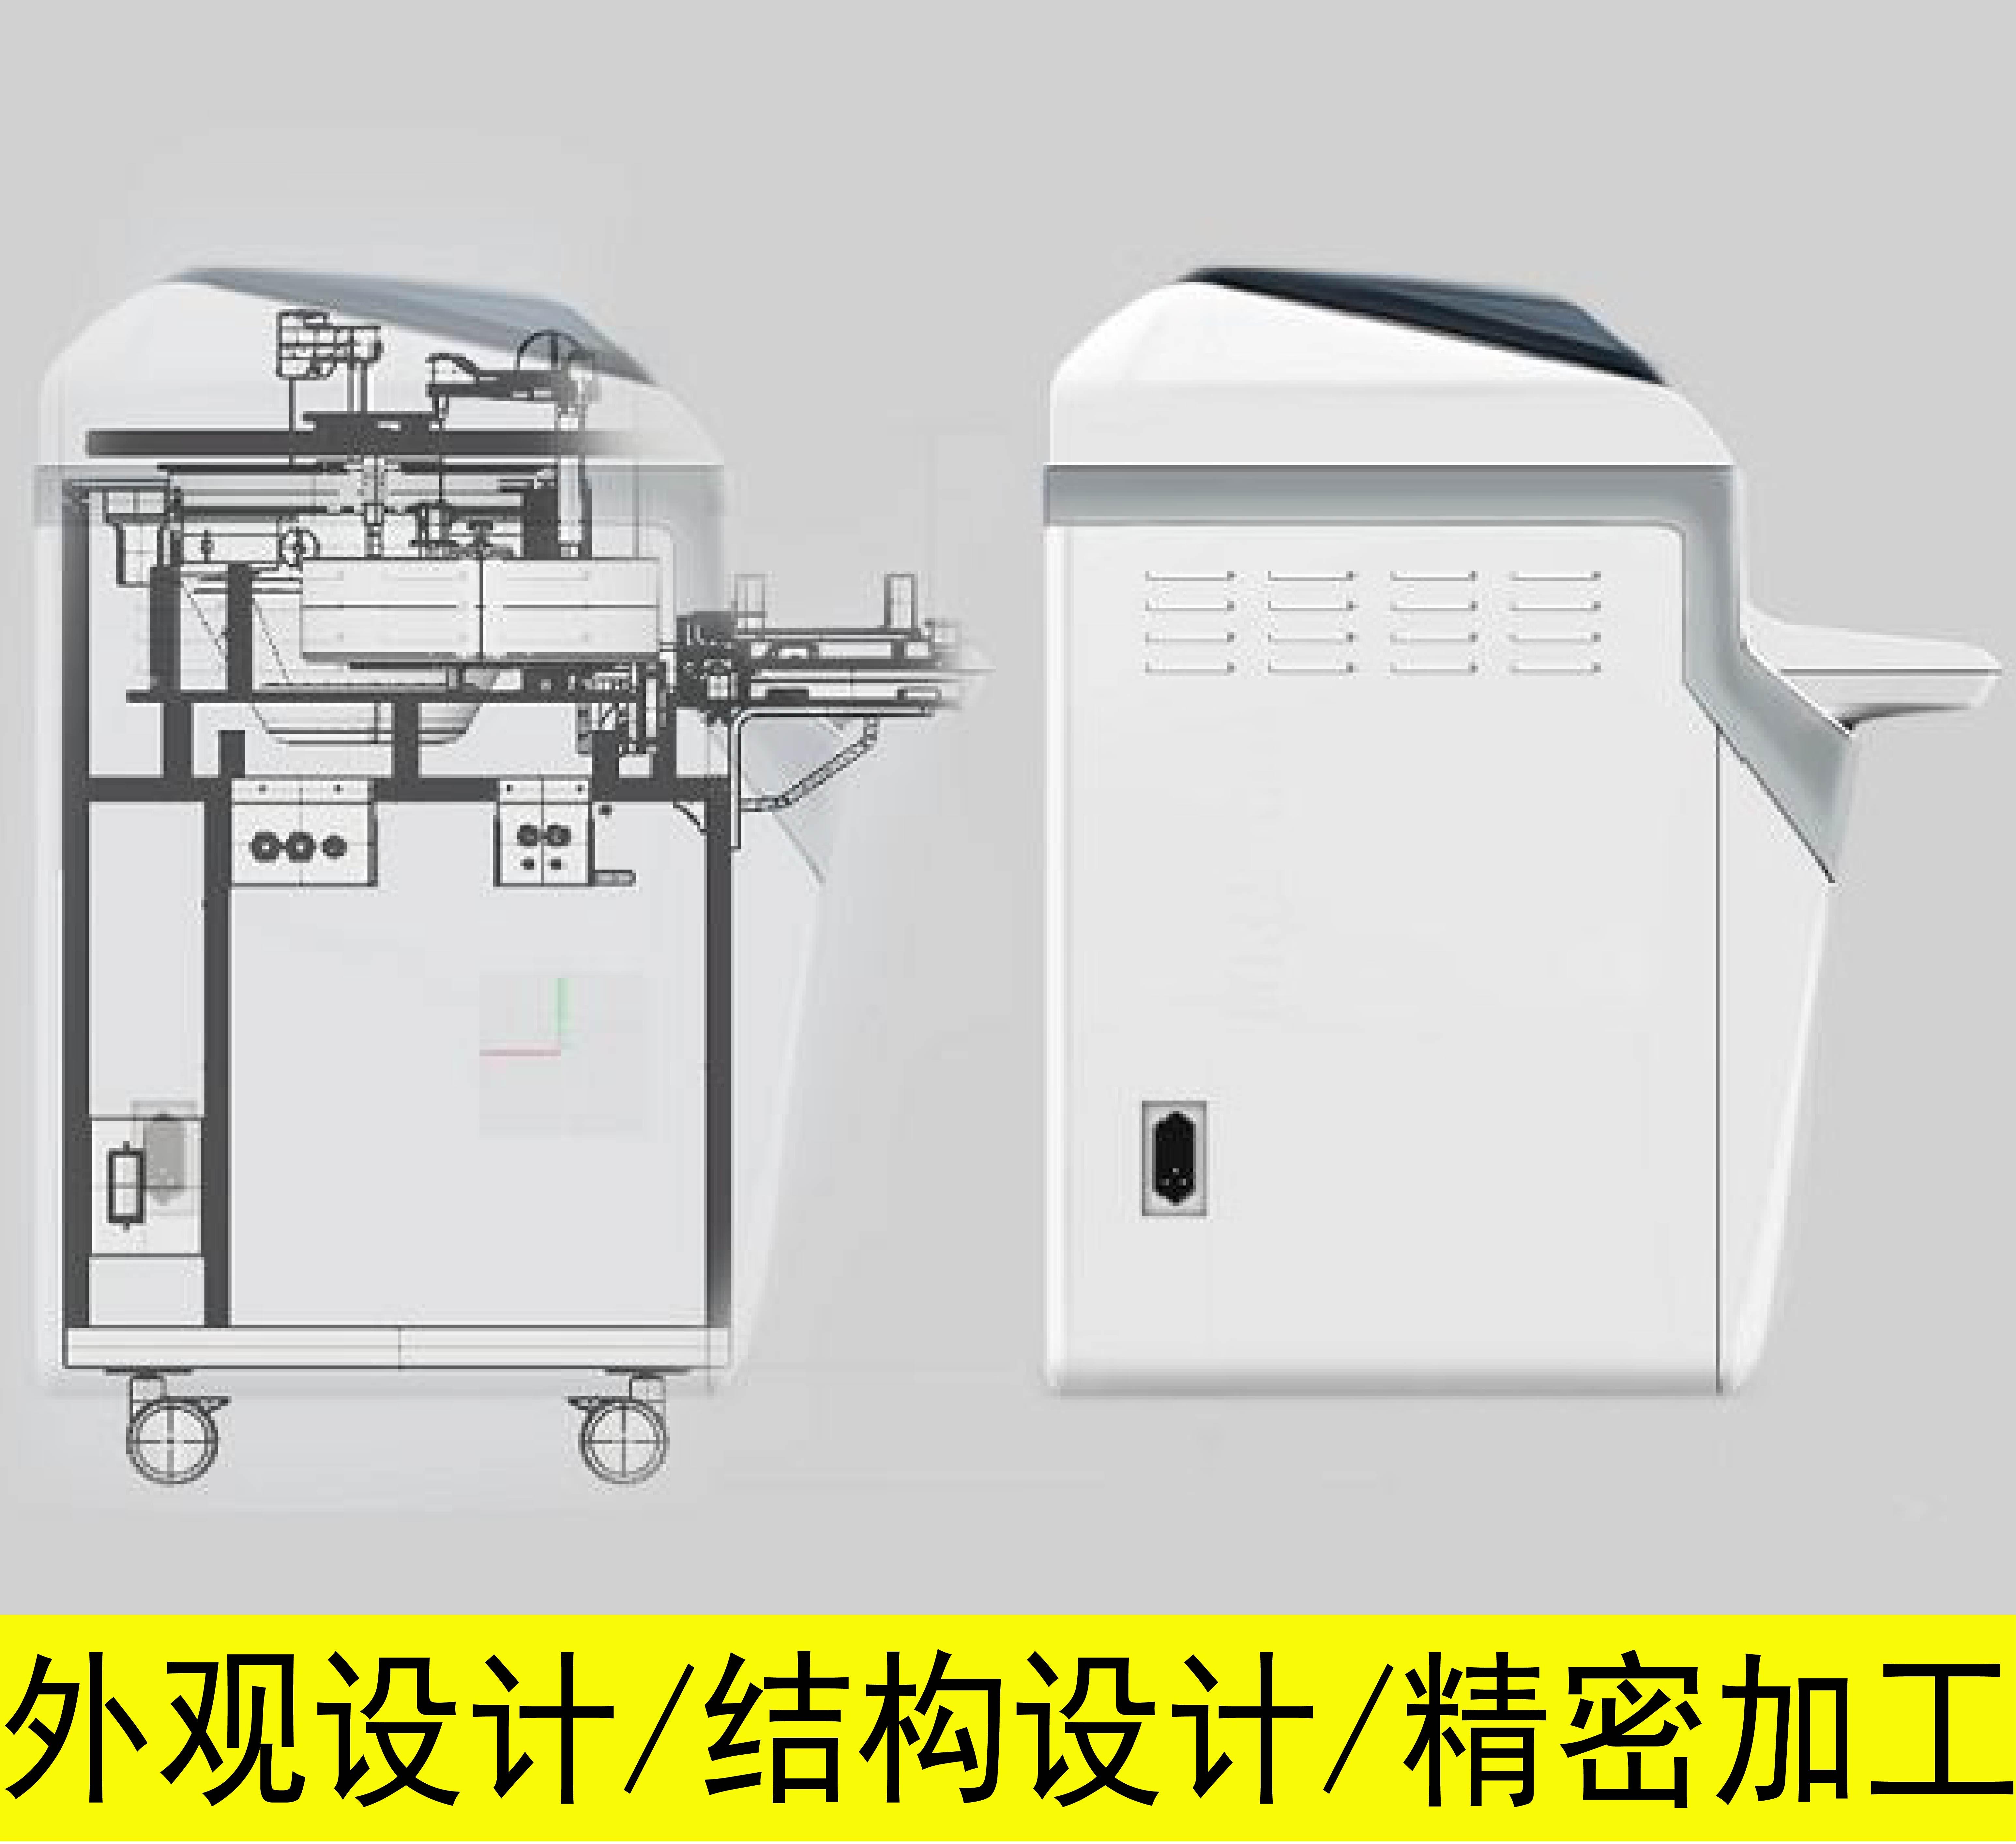 提供工业外观设计,结构设计,机械设计,样件及小批量加工服务